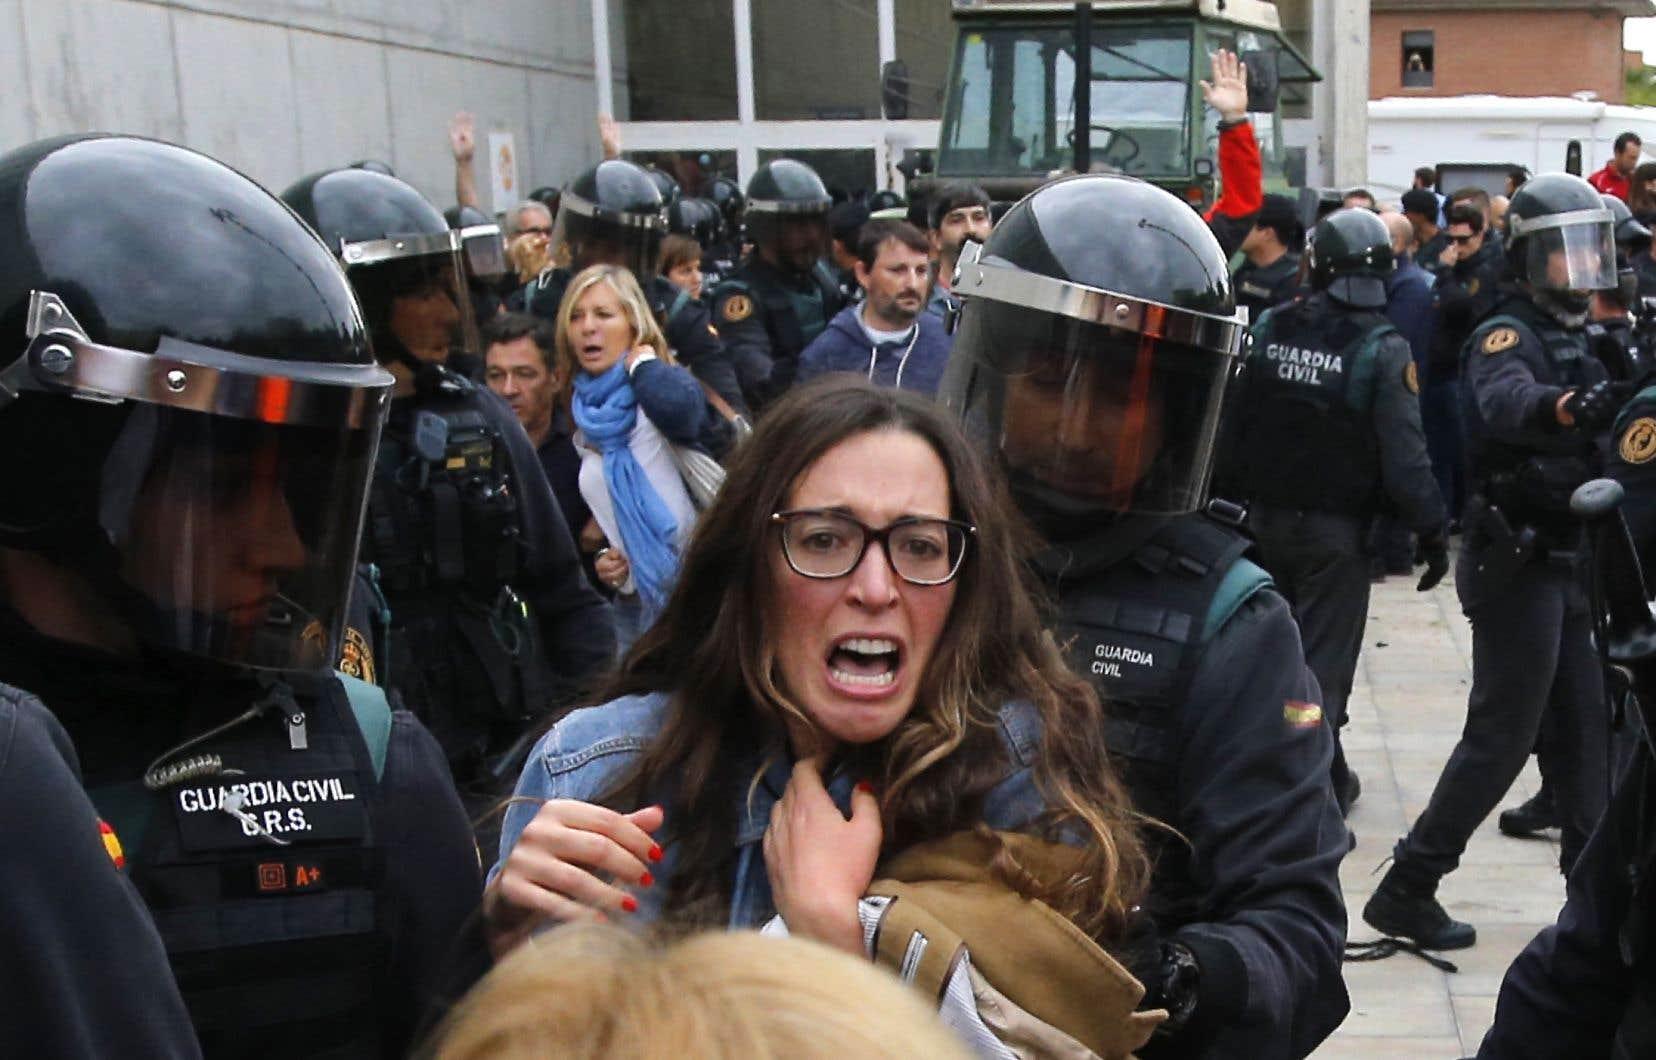 La démocratie, oui, c'est l'État de droit, mais un État de droit respectueux et respecté, voulu et défini par les citoyens, estime l'auteur.